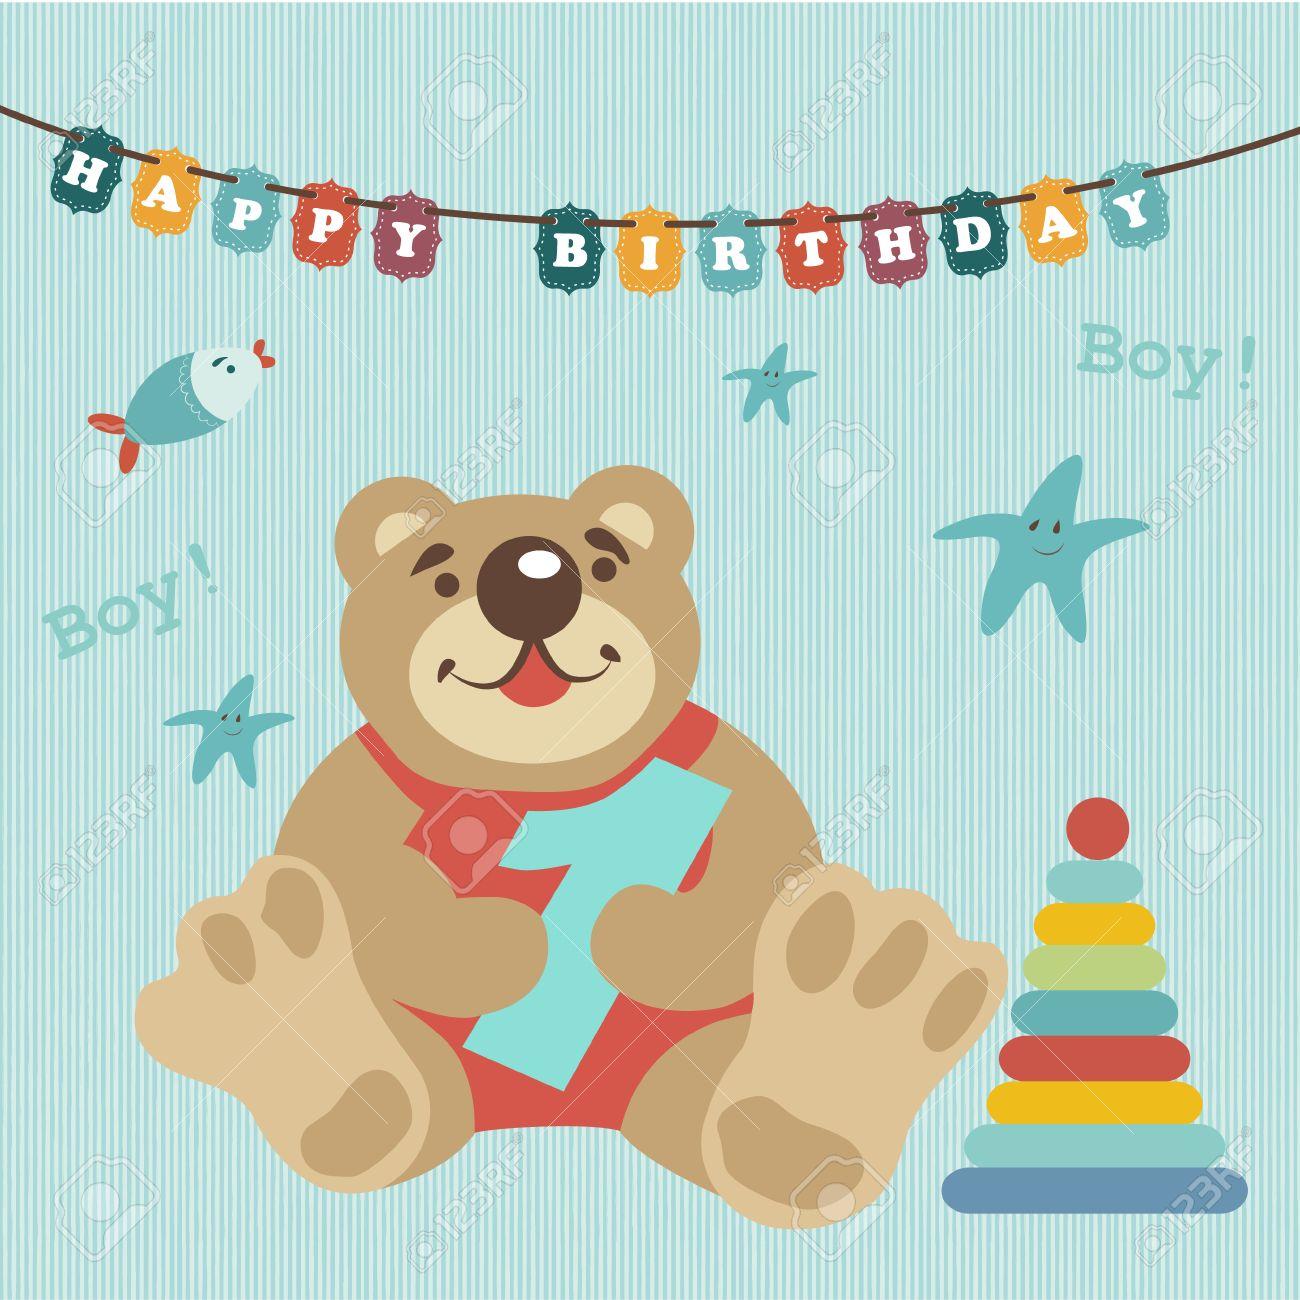 nio celebr a ao feliz cumpleaos tren de colores lleva juguetes amables y divertidos animales cerdo oso de peluche